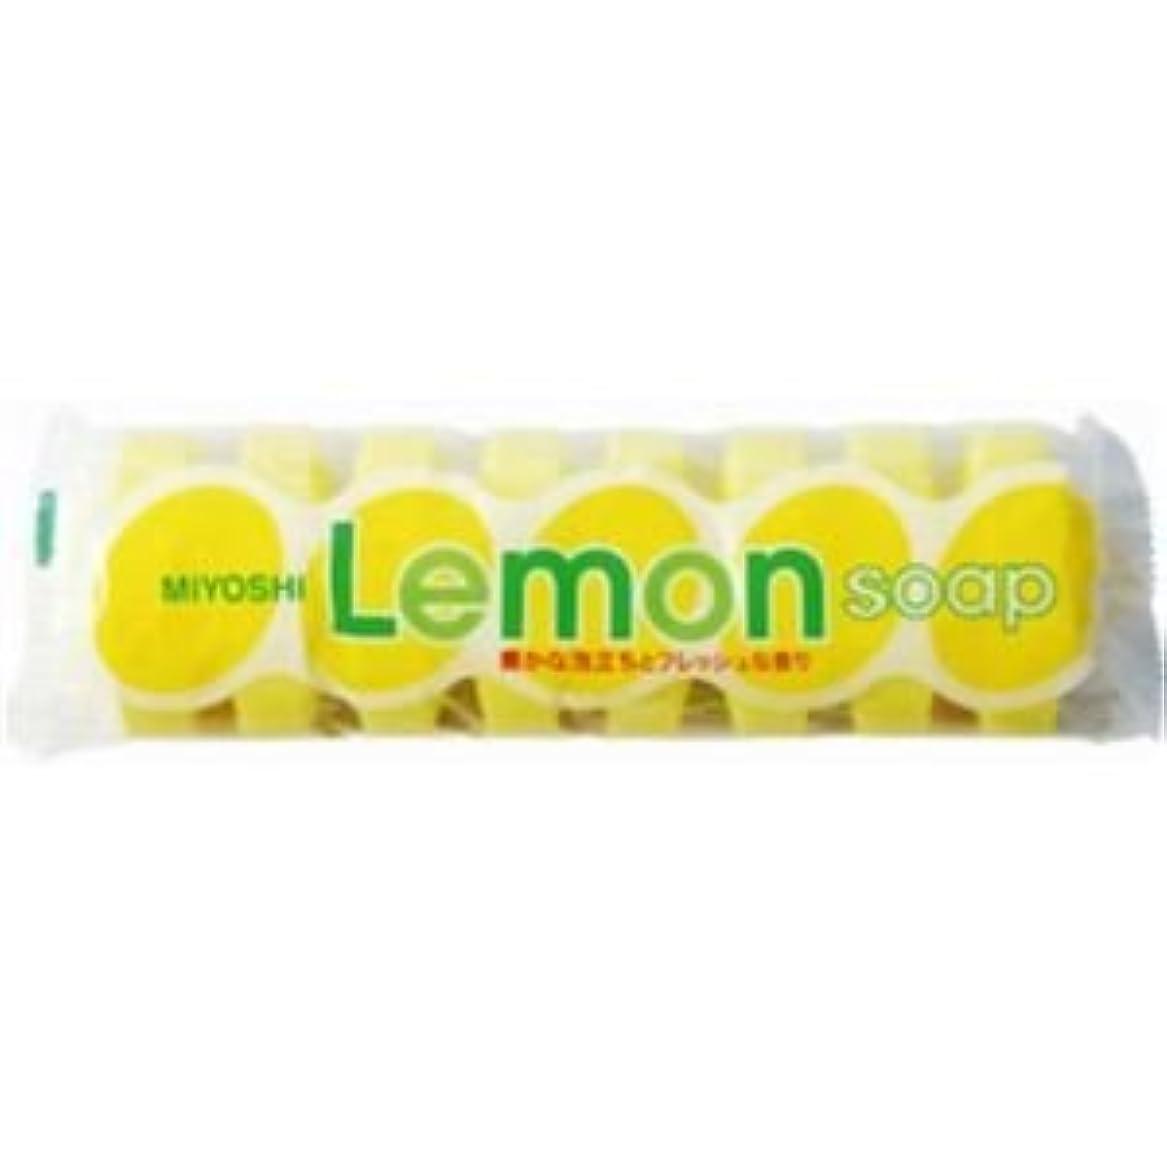 先例さようなら乳製品ミヨシ レモンソープ 45g×8個入 11セット